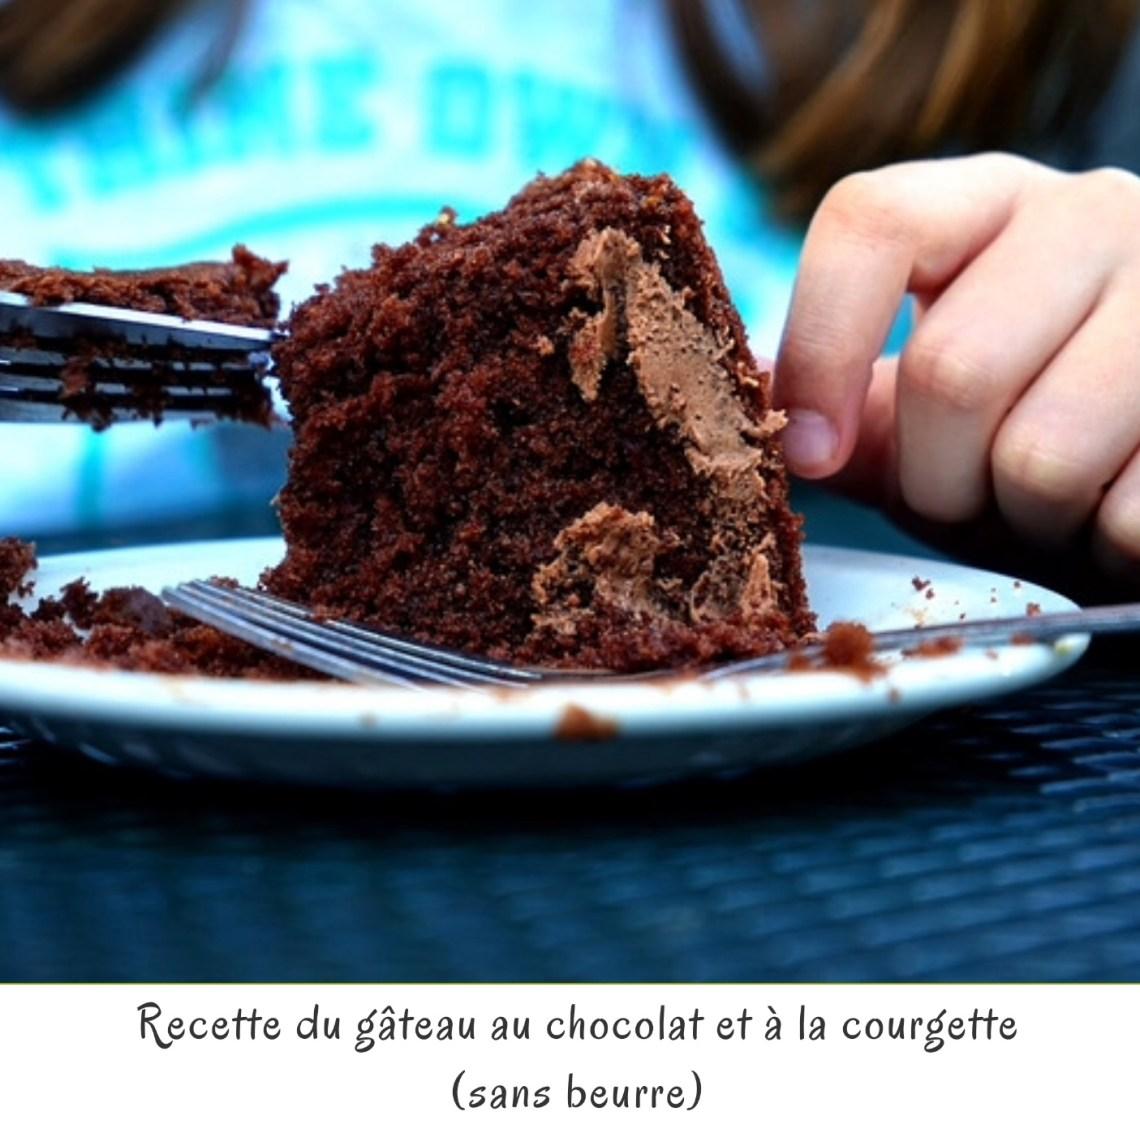 Recette du gâteau au chocolat et à la courgette (sans beurre)